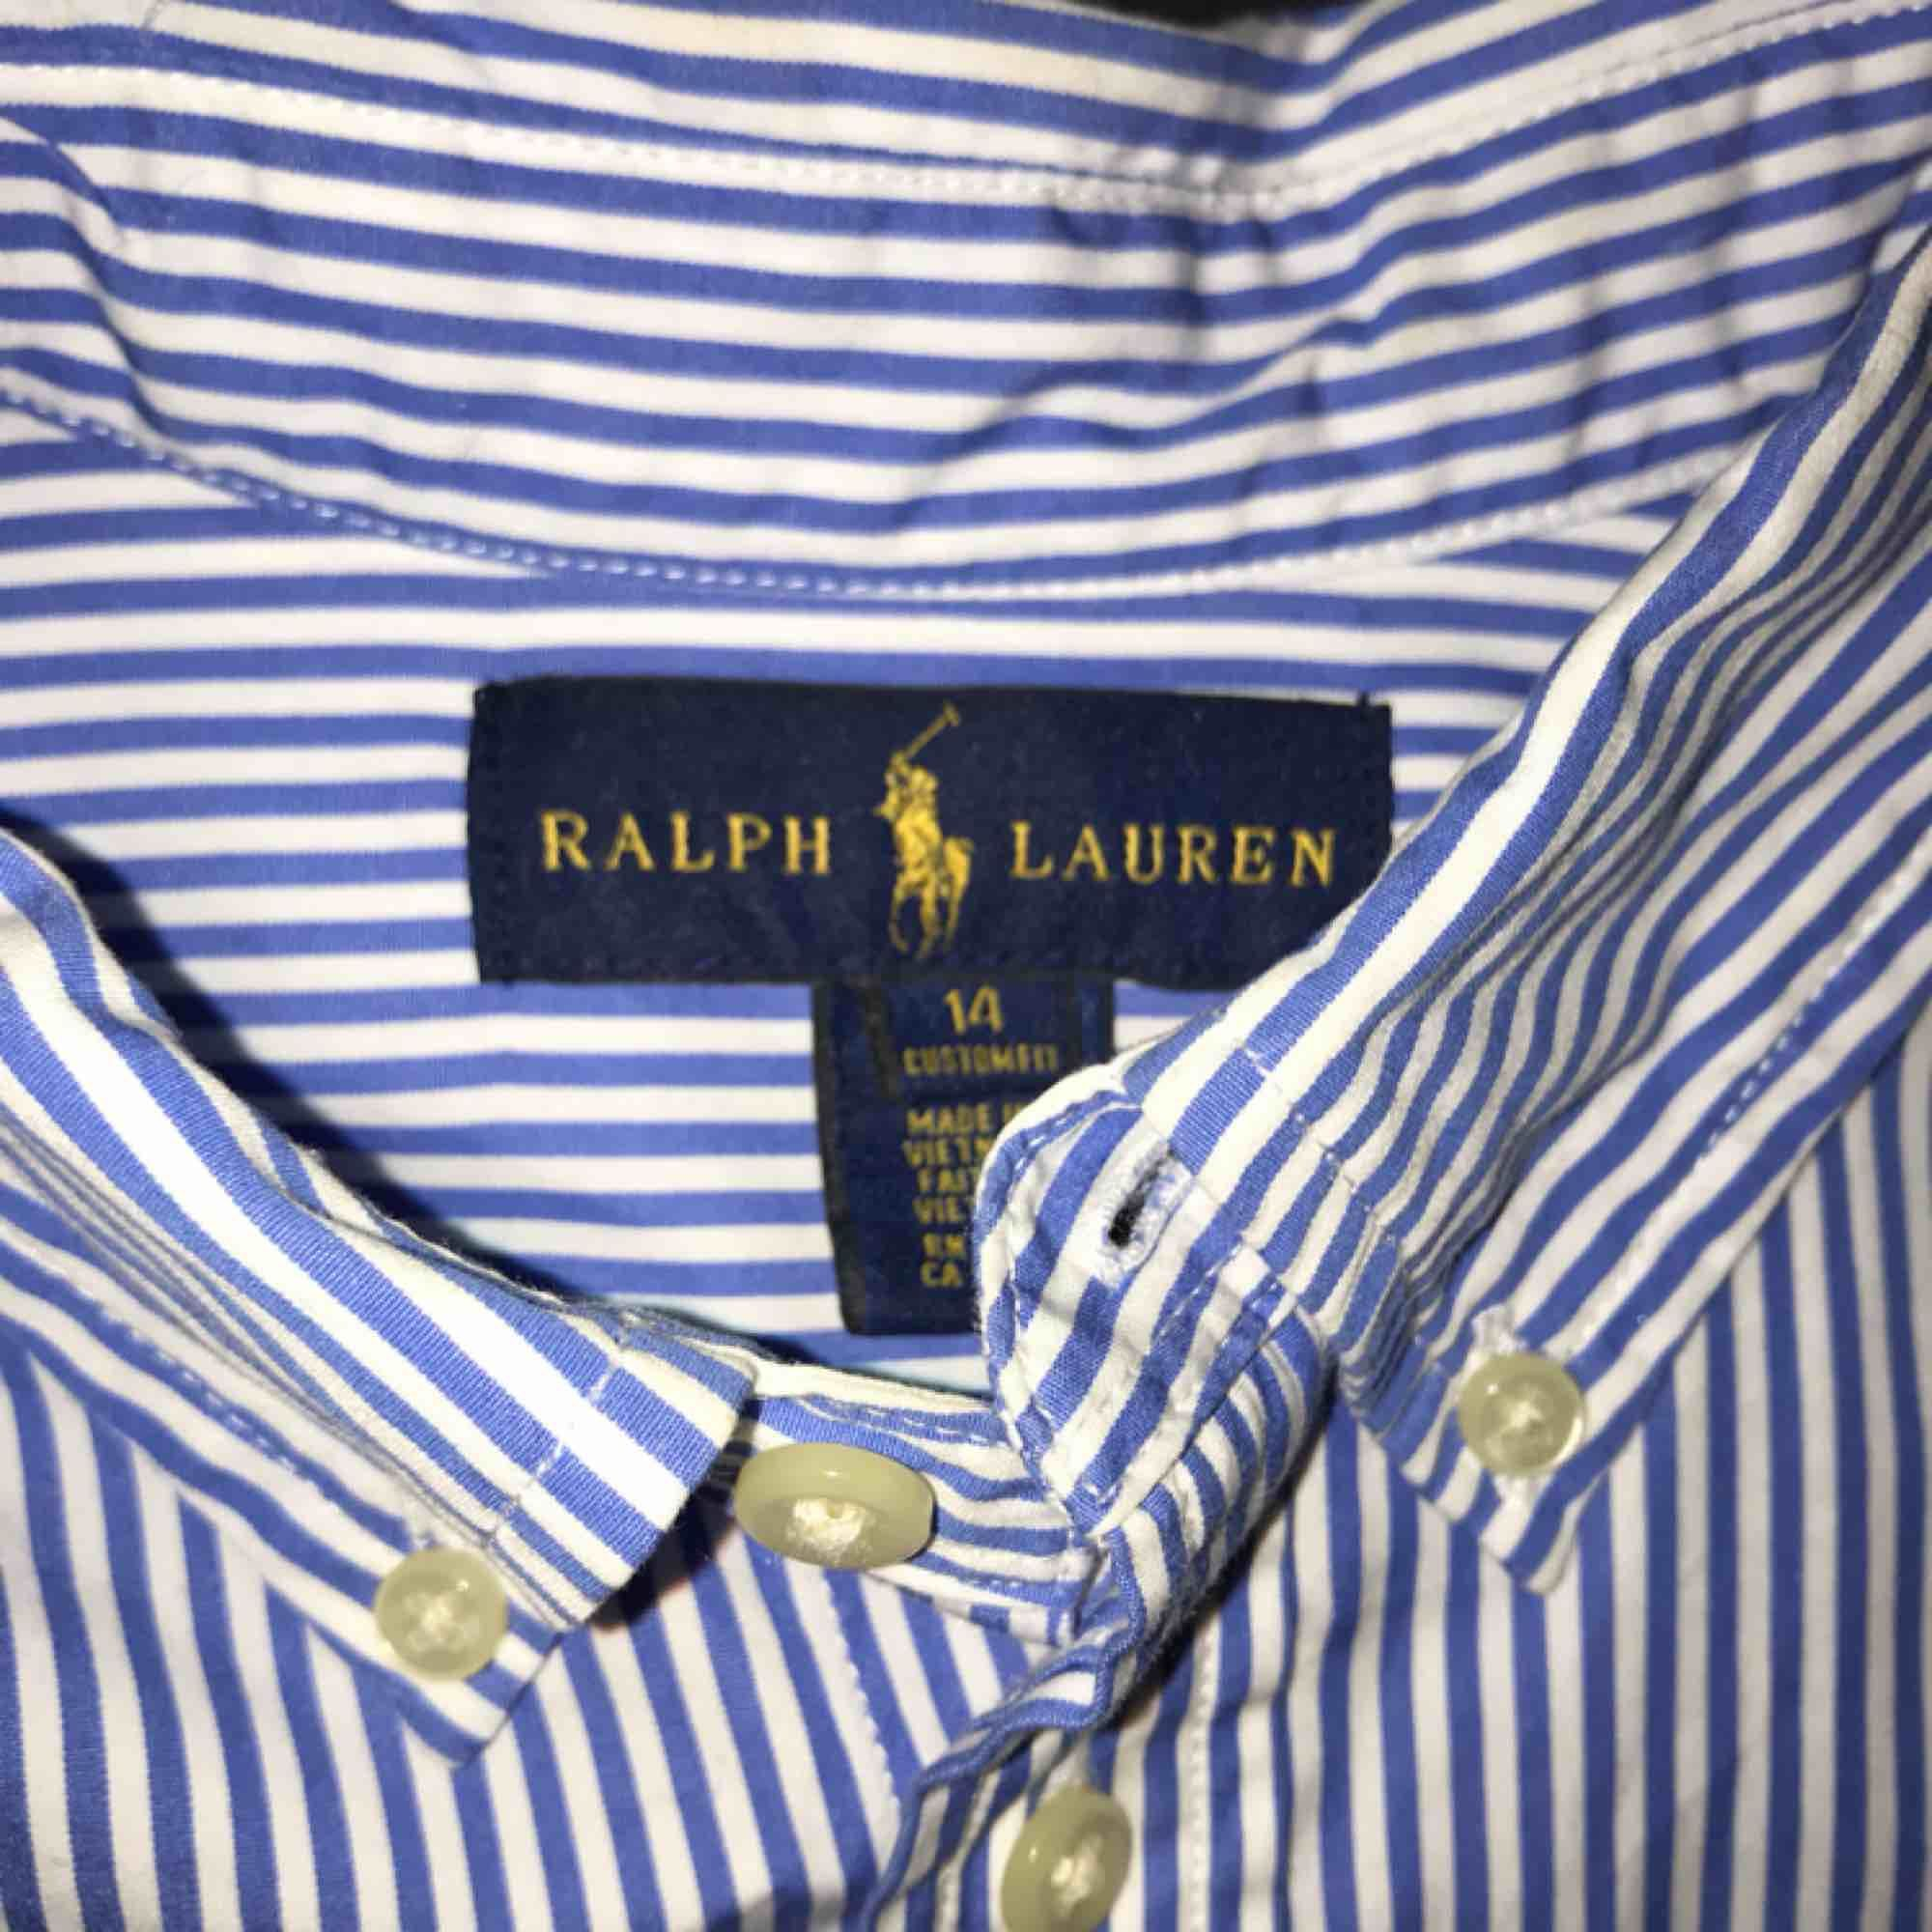 ➡️polo Ralph lauren skjorta⬅️ Cond/skick 9/10 använd 1 gång Bud 200 Bin 259 Nypris: 1100. Skjortor.